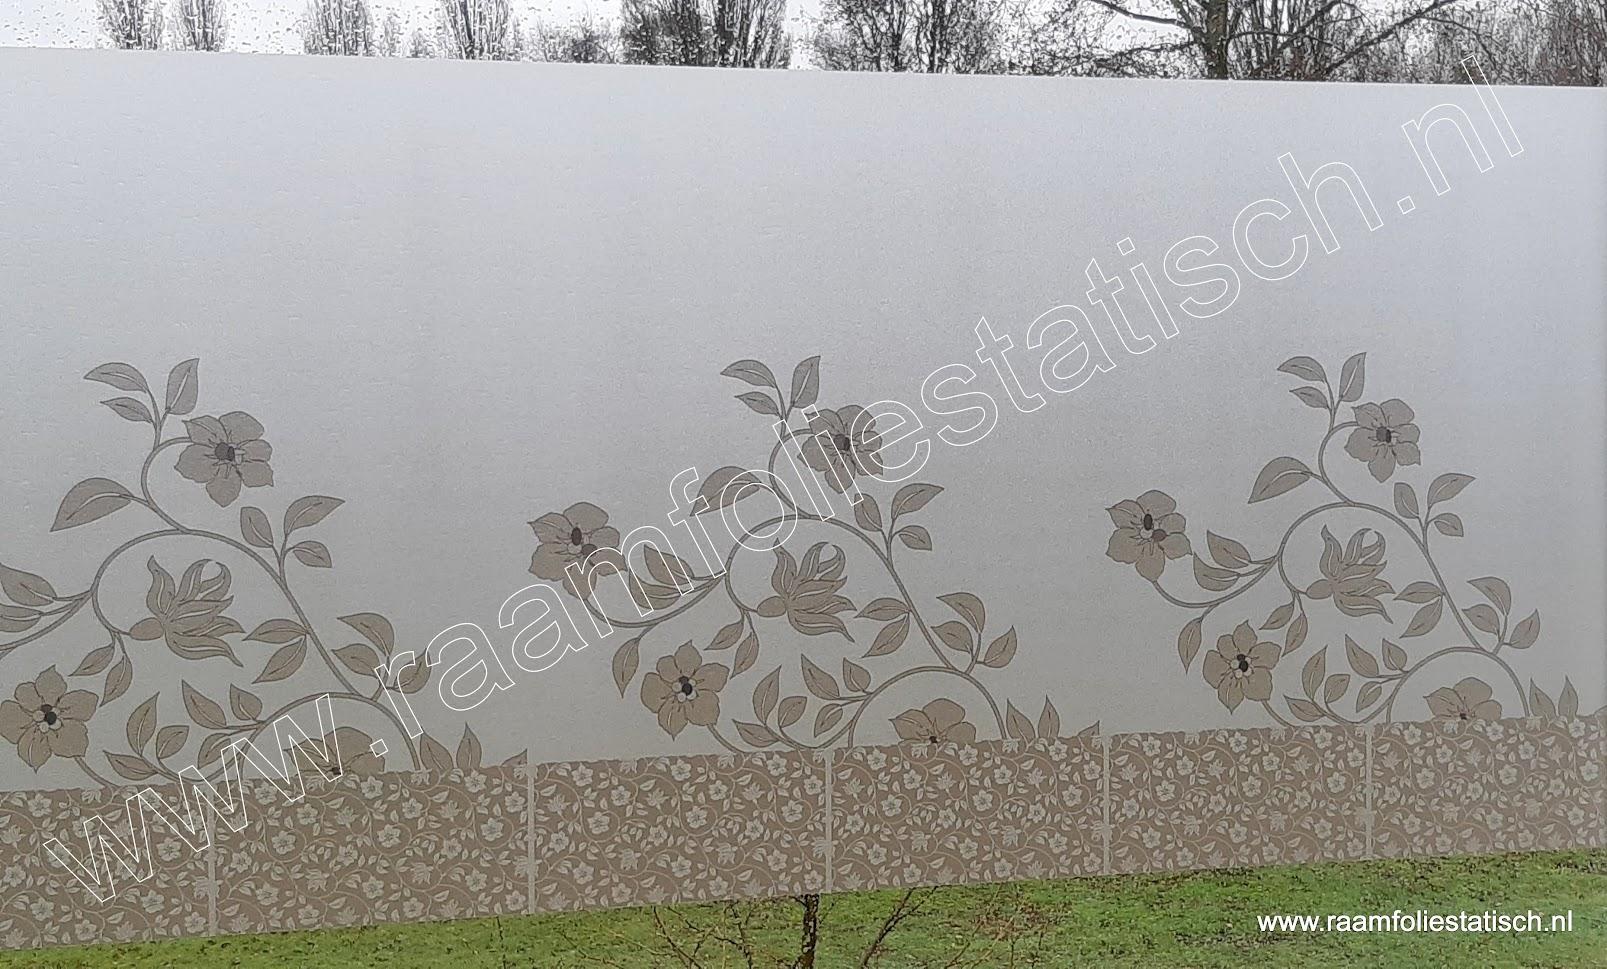 Raamfolie statisch Narcisos 70cm Linea fix